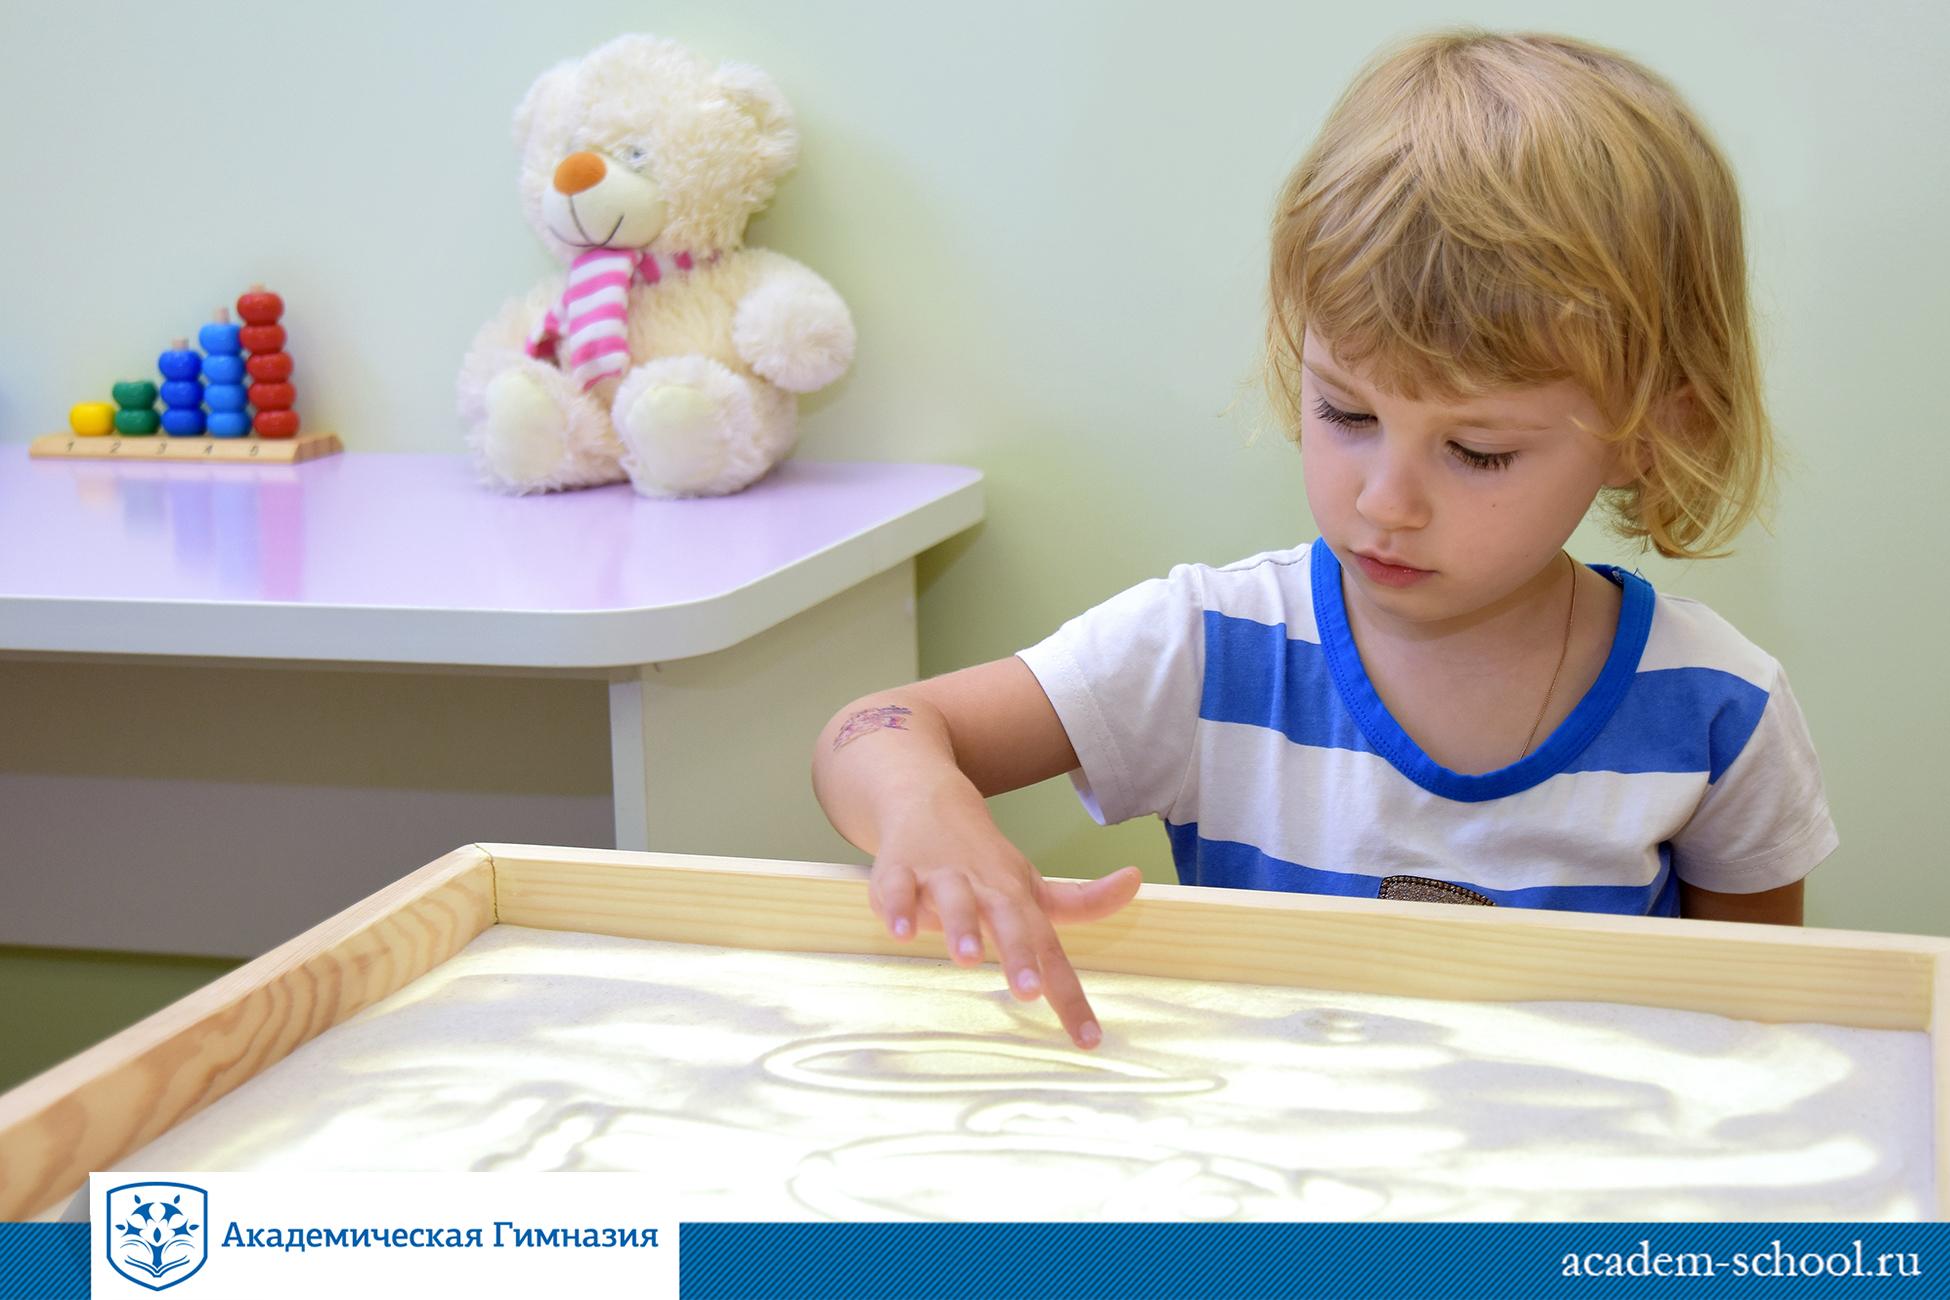 Образовательная программа по песочной терапии «волшебный песок». часть 1. воспитателям детских садов, школьным учителям и педагогам - маам.ру